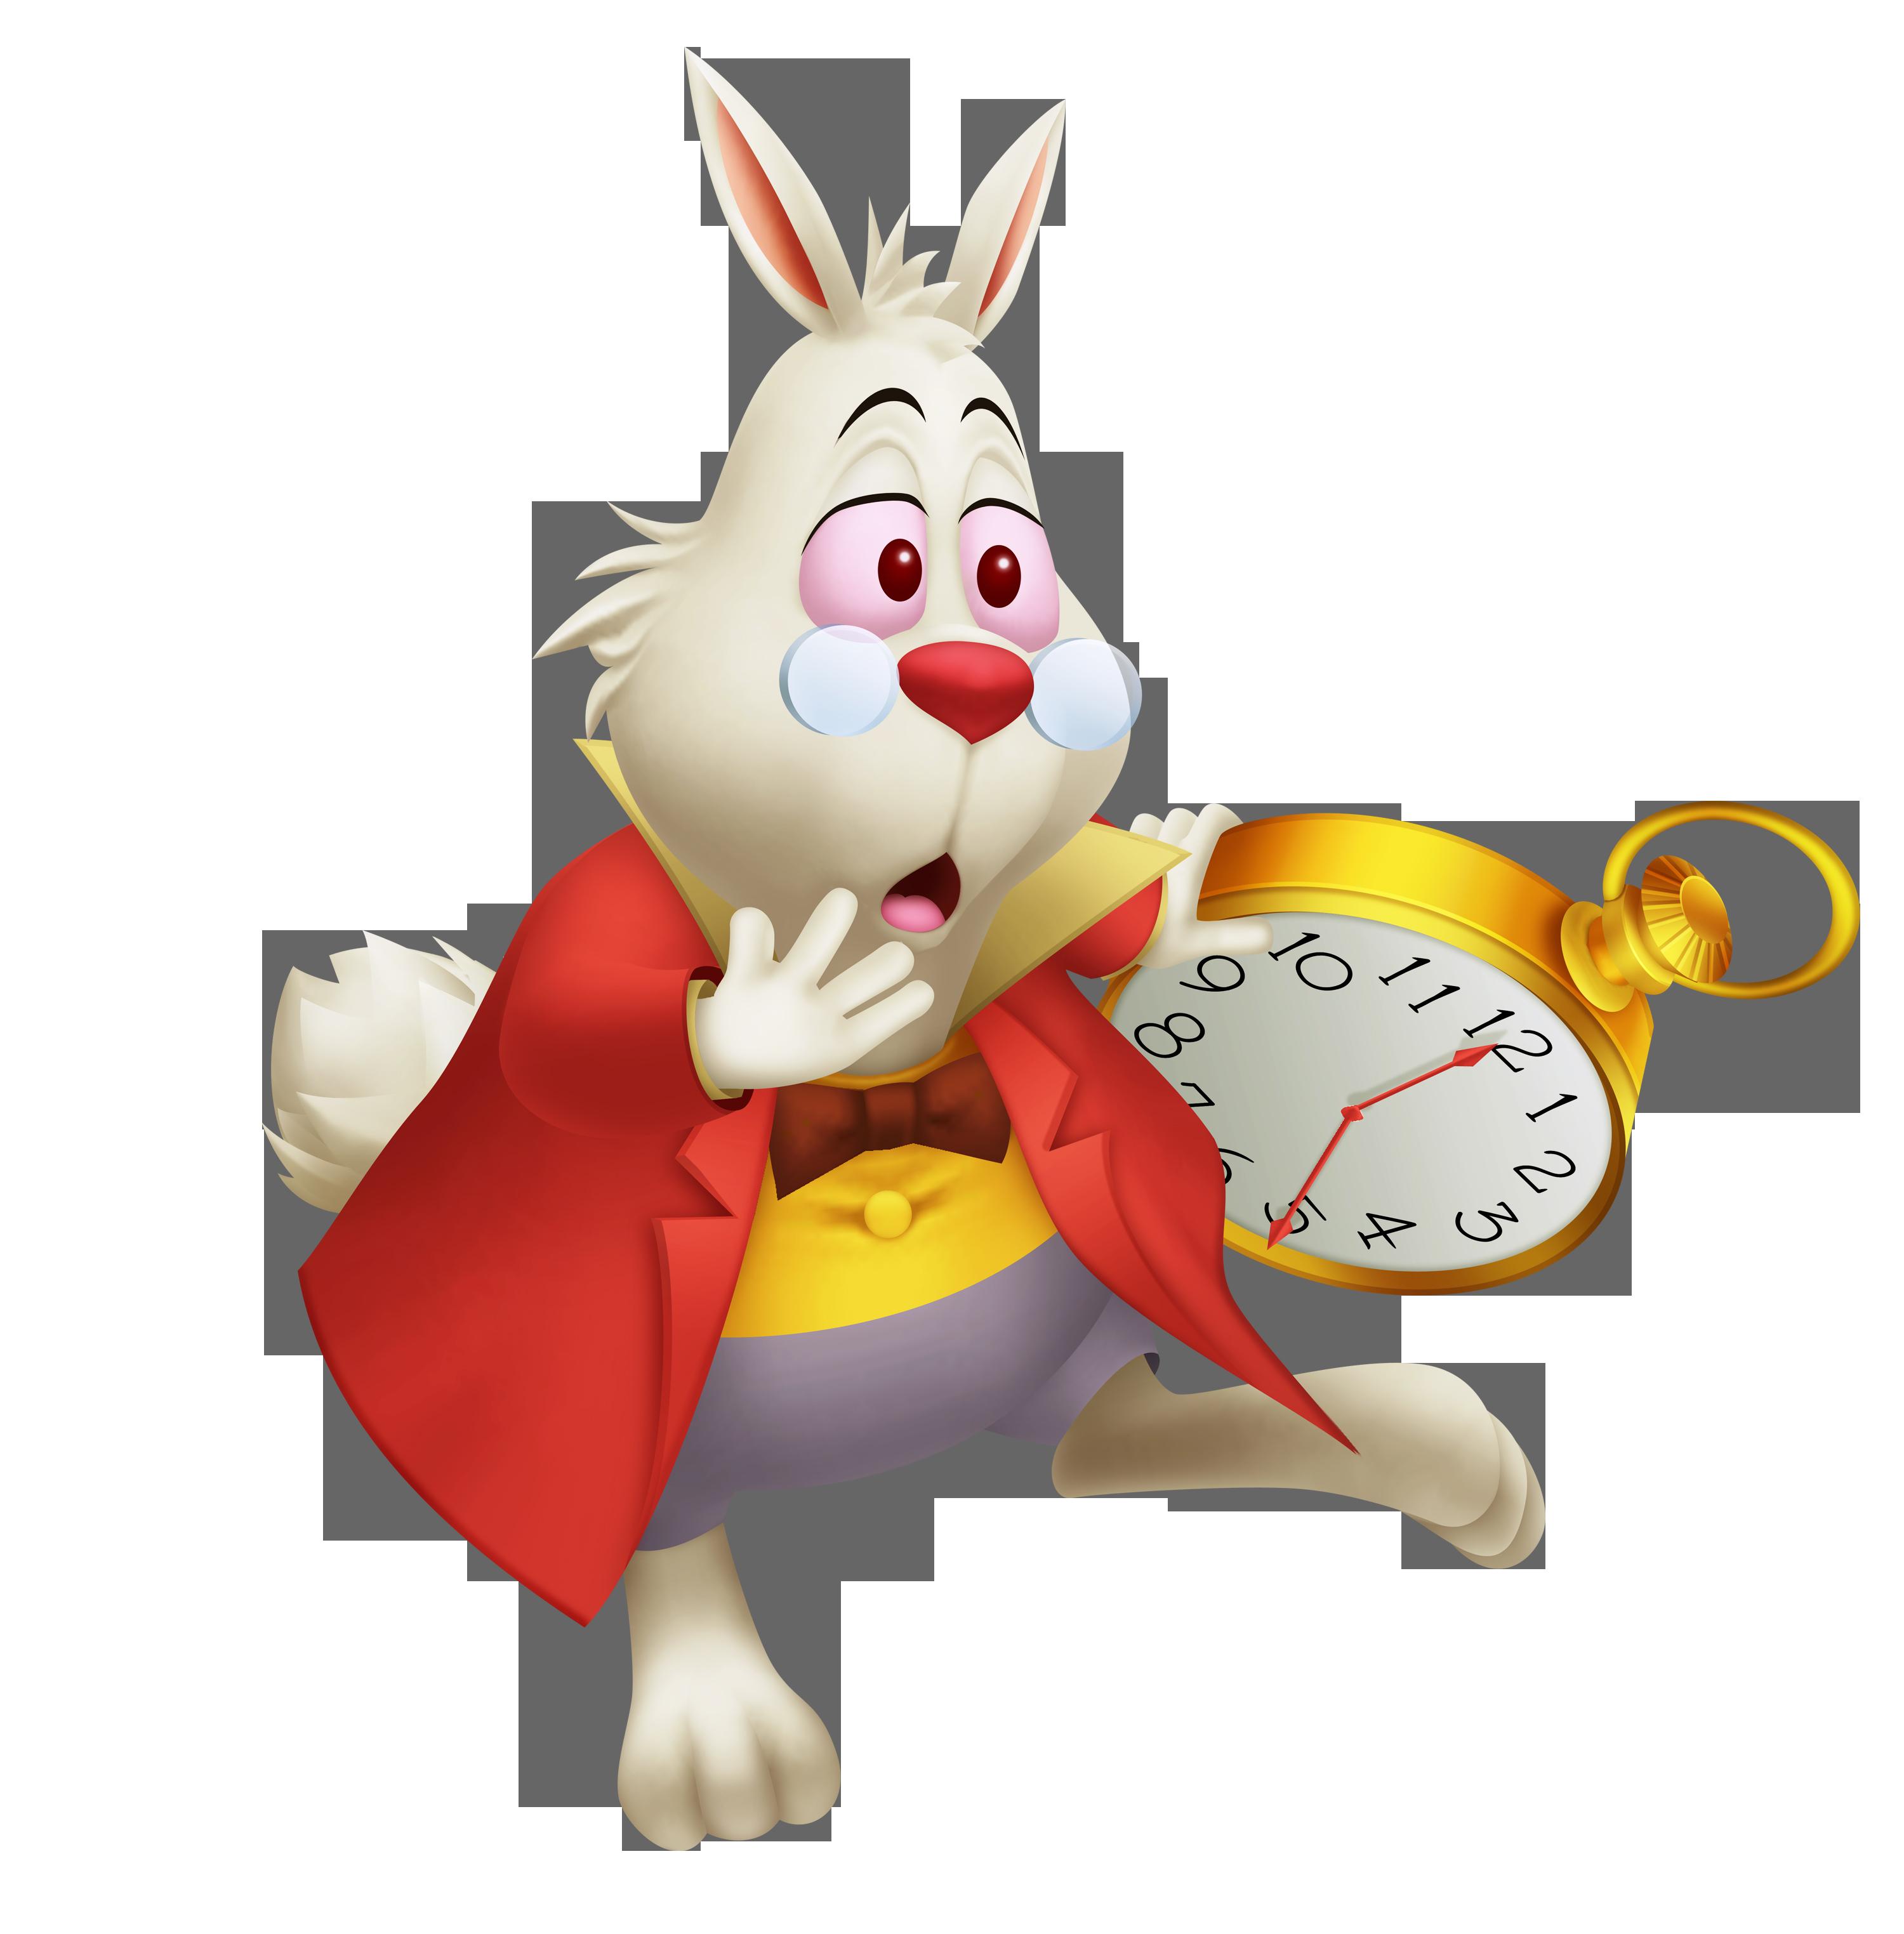 """Résultat de recherche d'images pour """"lapin blanc d'alice"""""""